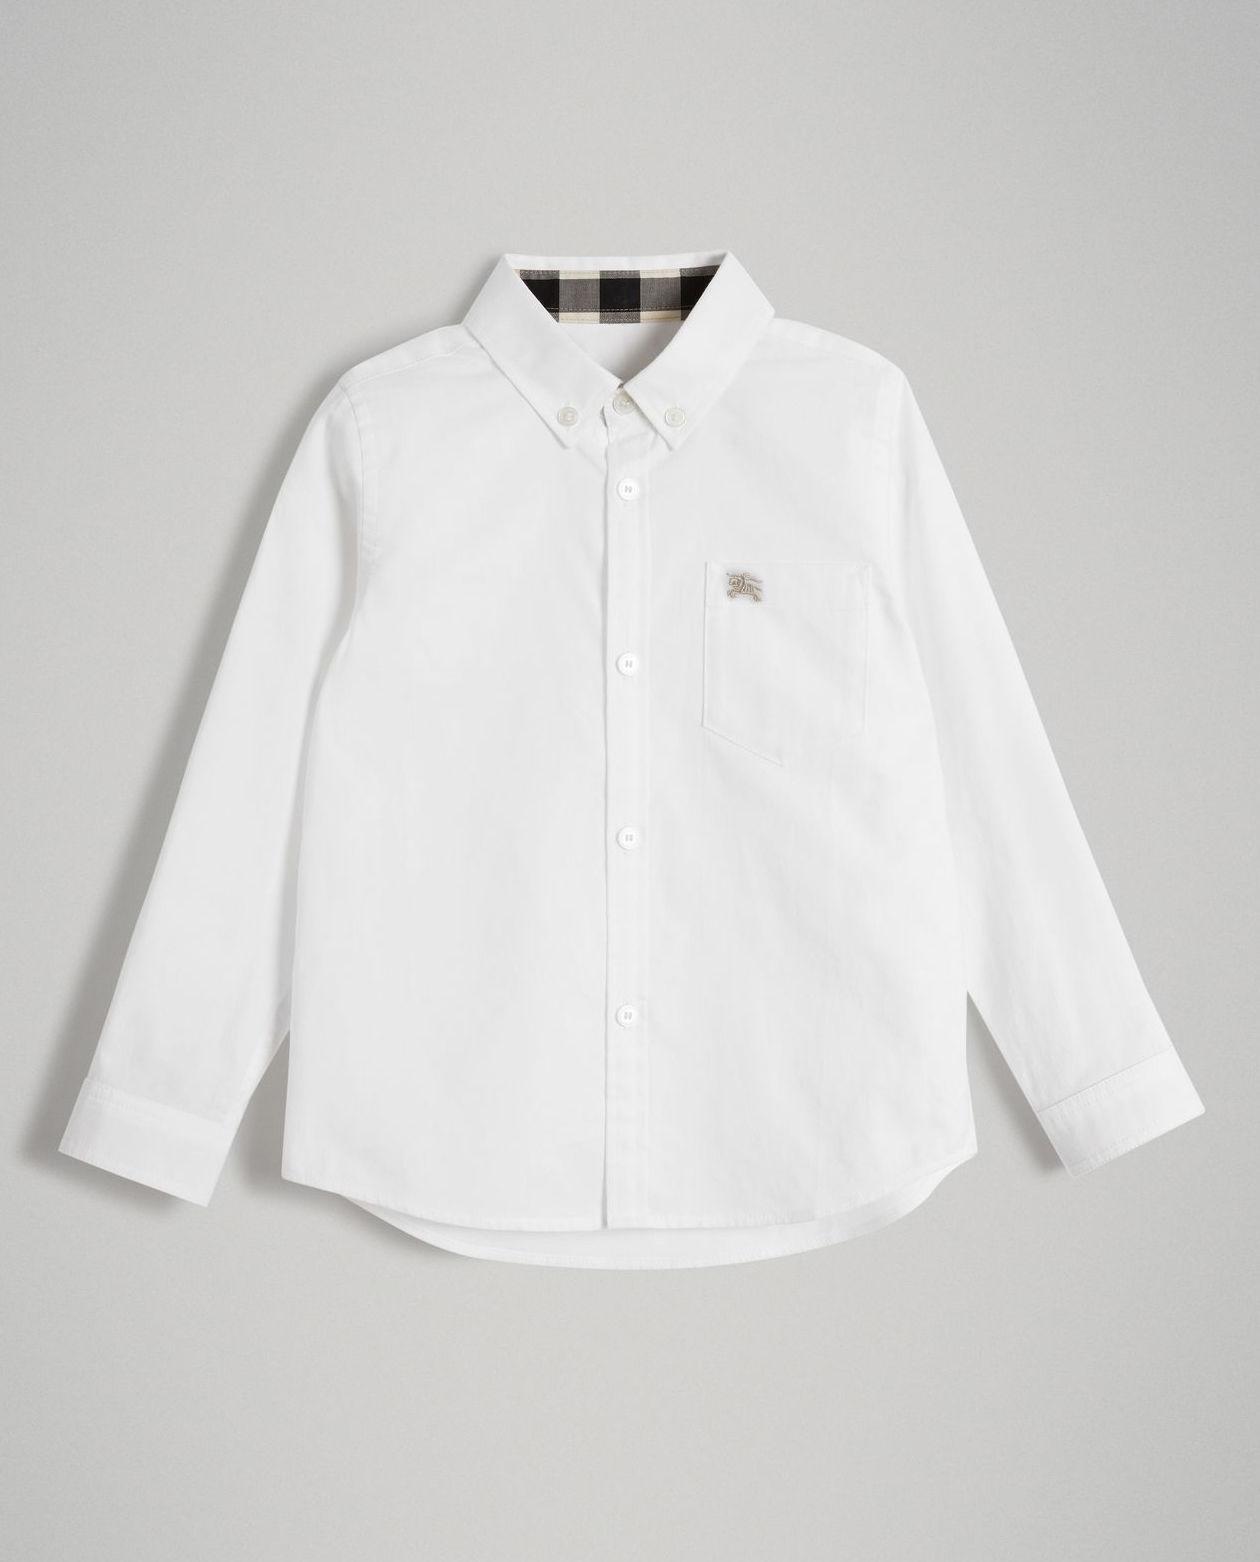 b72a64e6329e2a Biała koszula BURBERRY CHILDREN – Kup Teraz! Najlepsze ceny i opinie ...